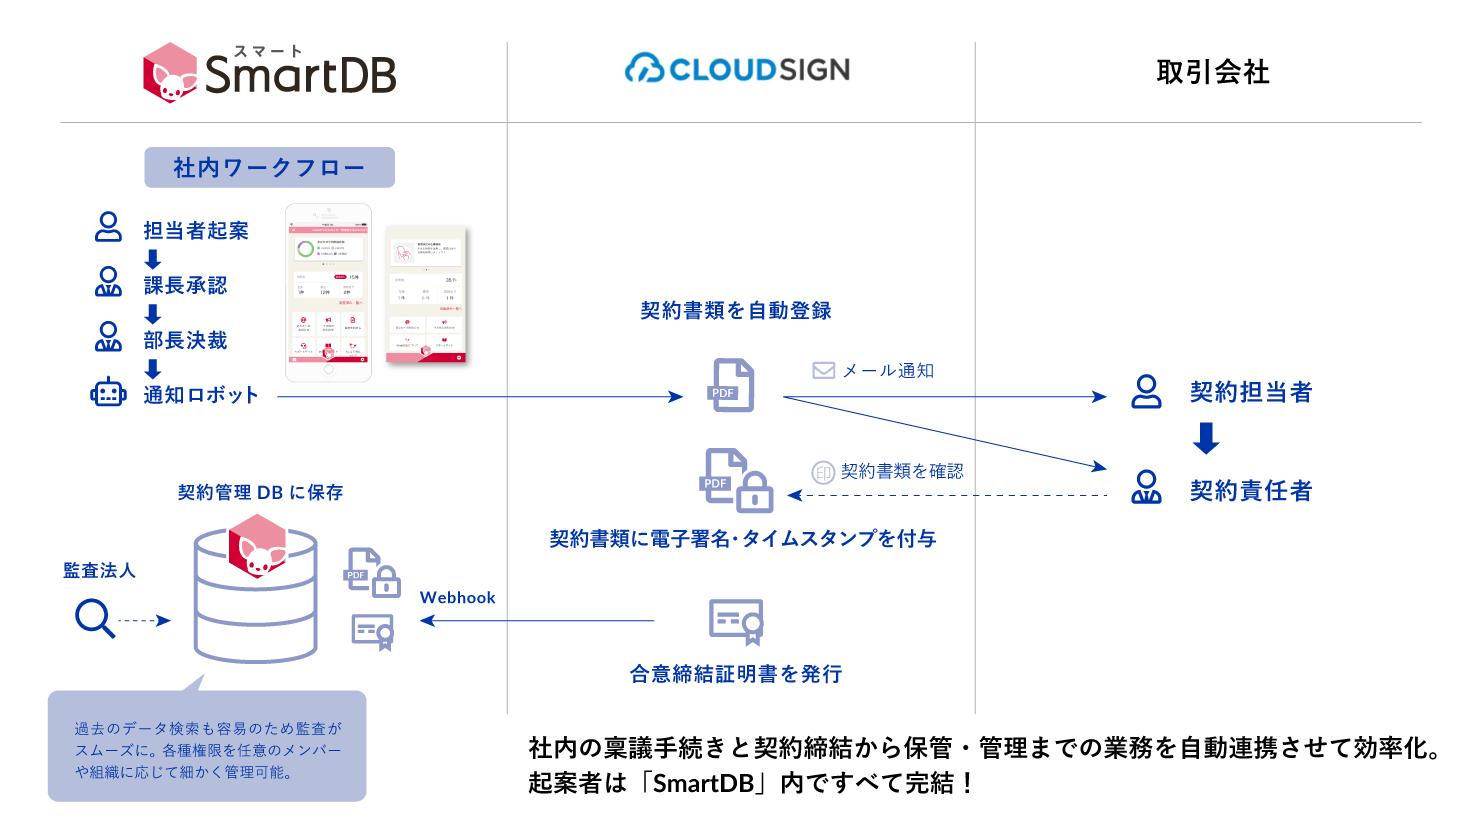 SmartDBとクラウドサイン連携のプレスリリースを見る